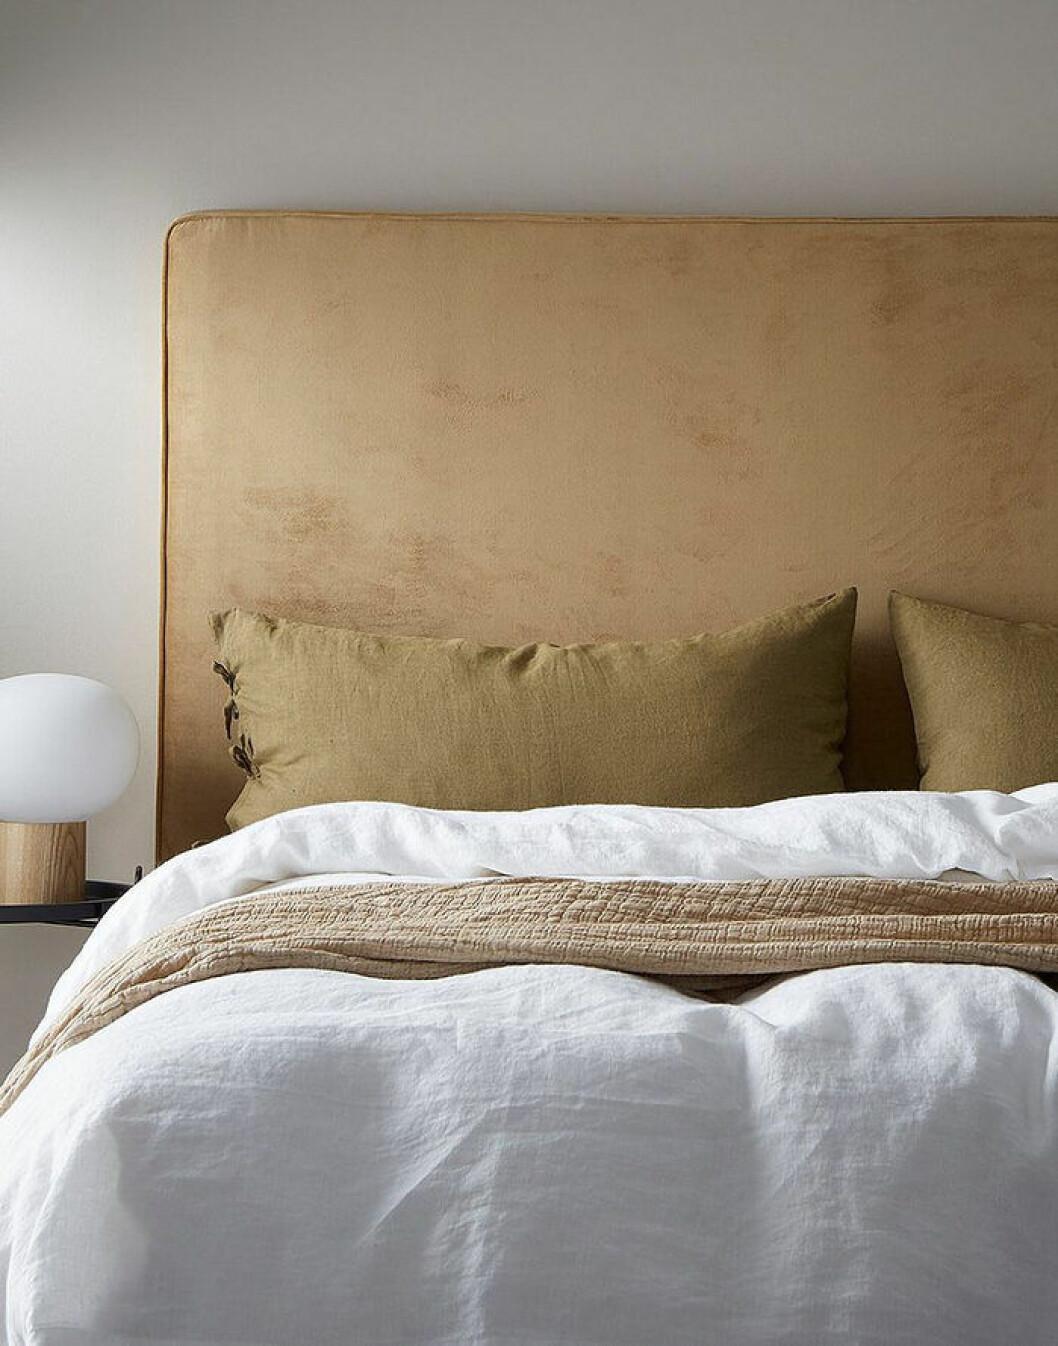 En sänggavel ger ett lyxigt intryck till sovrummet